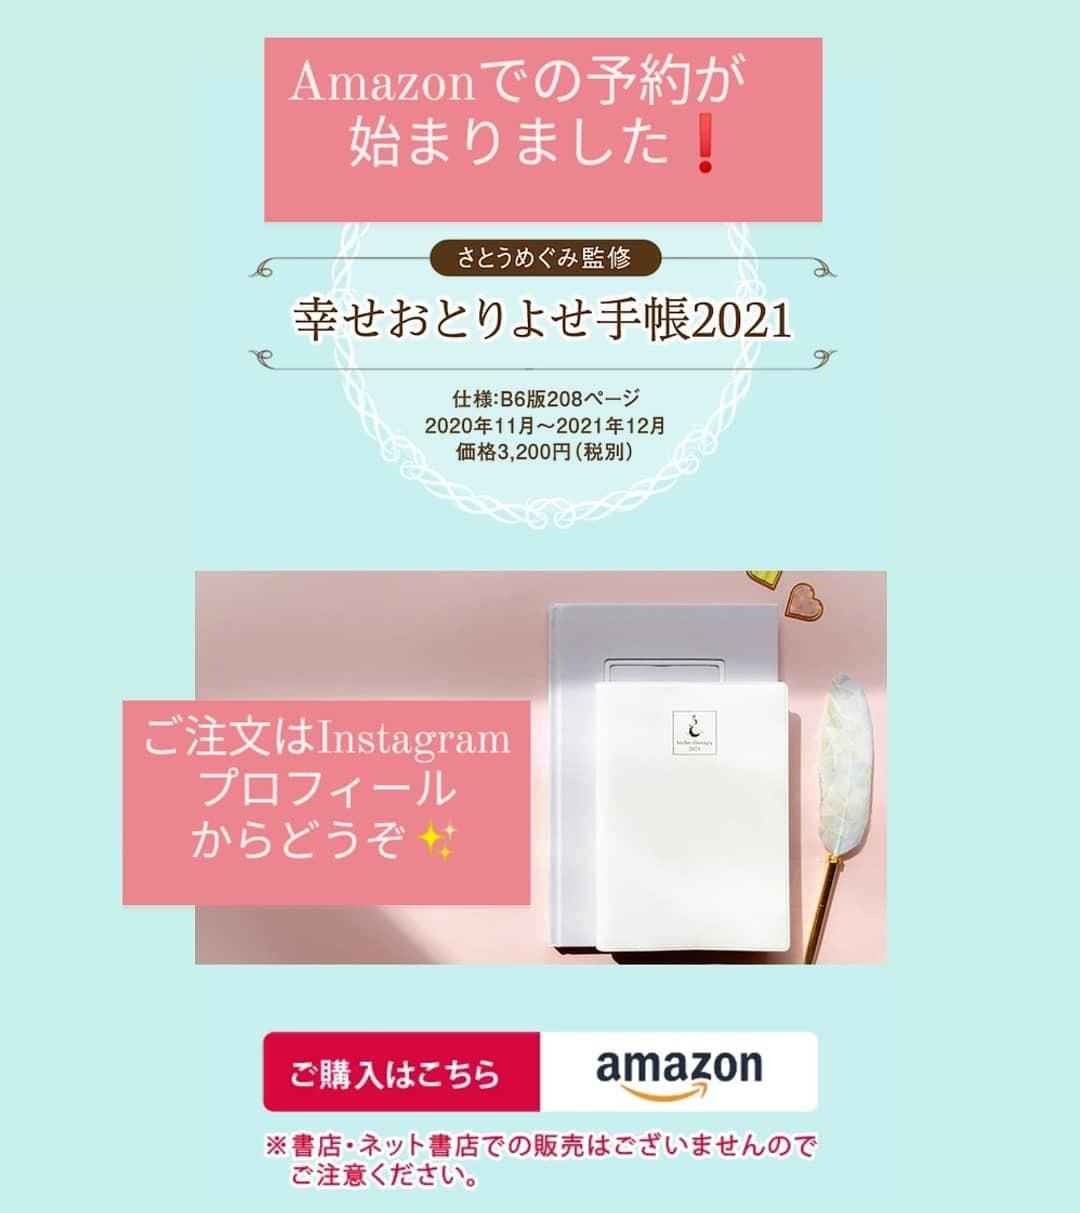 【お知らせ】10月30日発送開始❗「幸せおとりよせ手帳2021」_f0164842_19290355.jpg